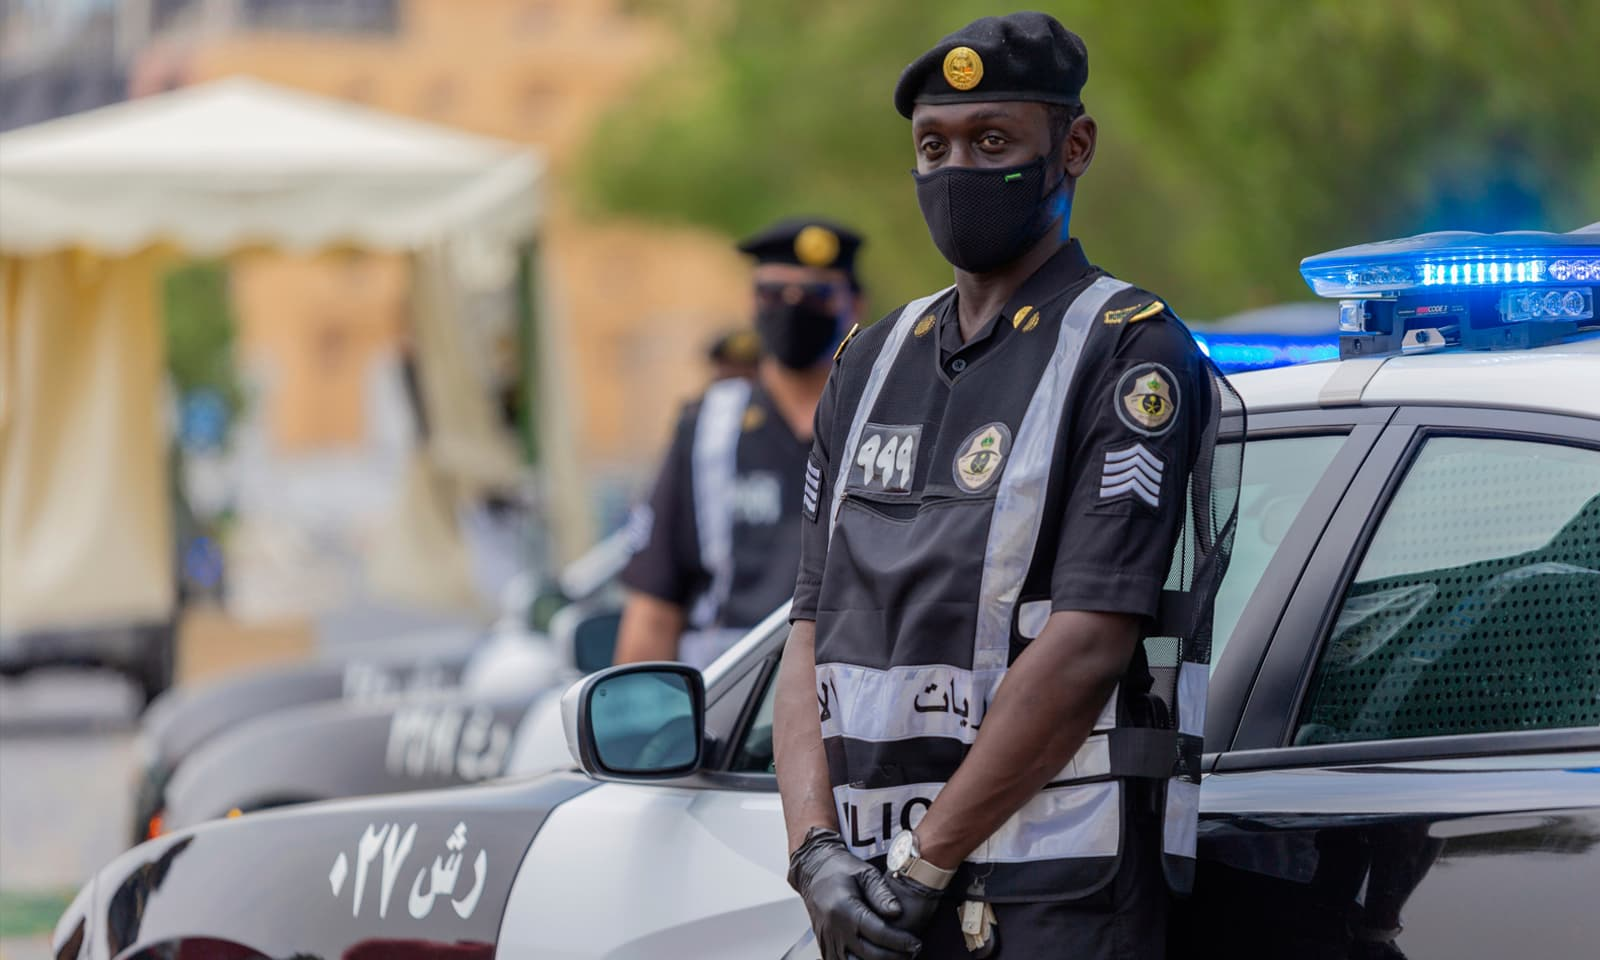 کورونا وائرس کا پھیلاؤ روکنے کے لیے عملے سمیت تمام افراد کے لیے ماسک پہننا لازمی ہے — فوٹو: اے ہی